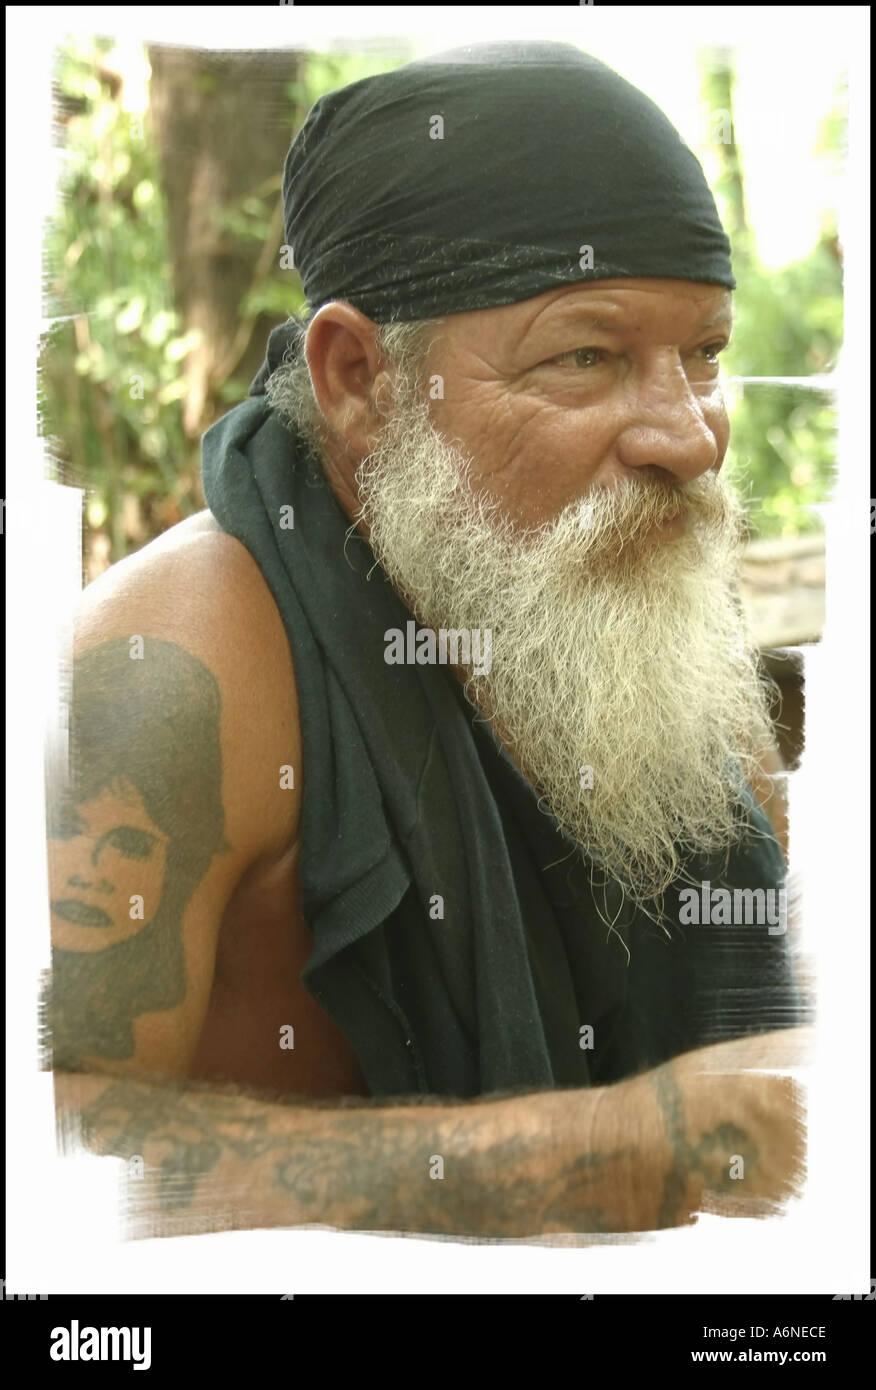 Vieux Barbu Blanc Hippie Photo Stock Vieux Barbu Blanc Hippie. A6NECE (RF). Un  gars portant des vêtements décontractés et sur la vieille paire de lunettes  ... 7da91bc160e0